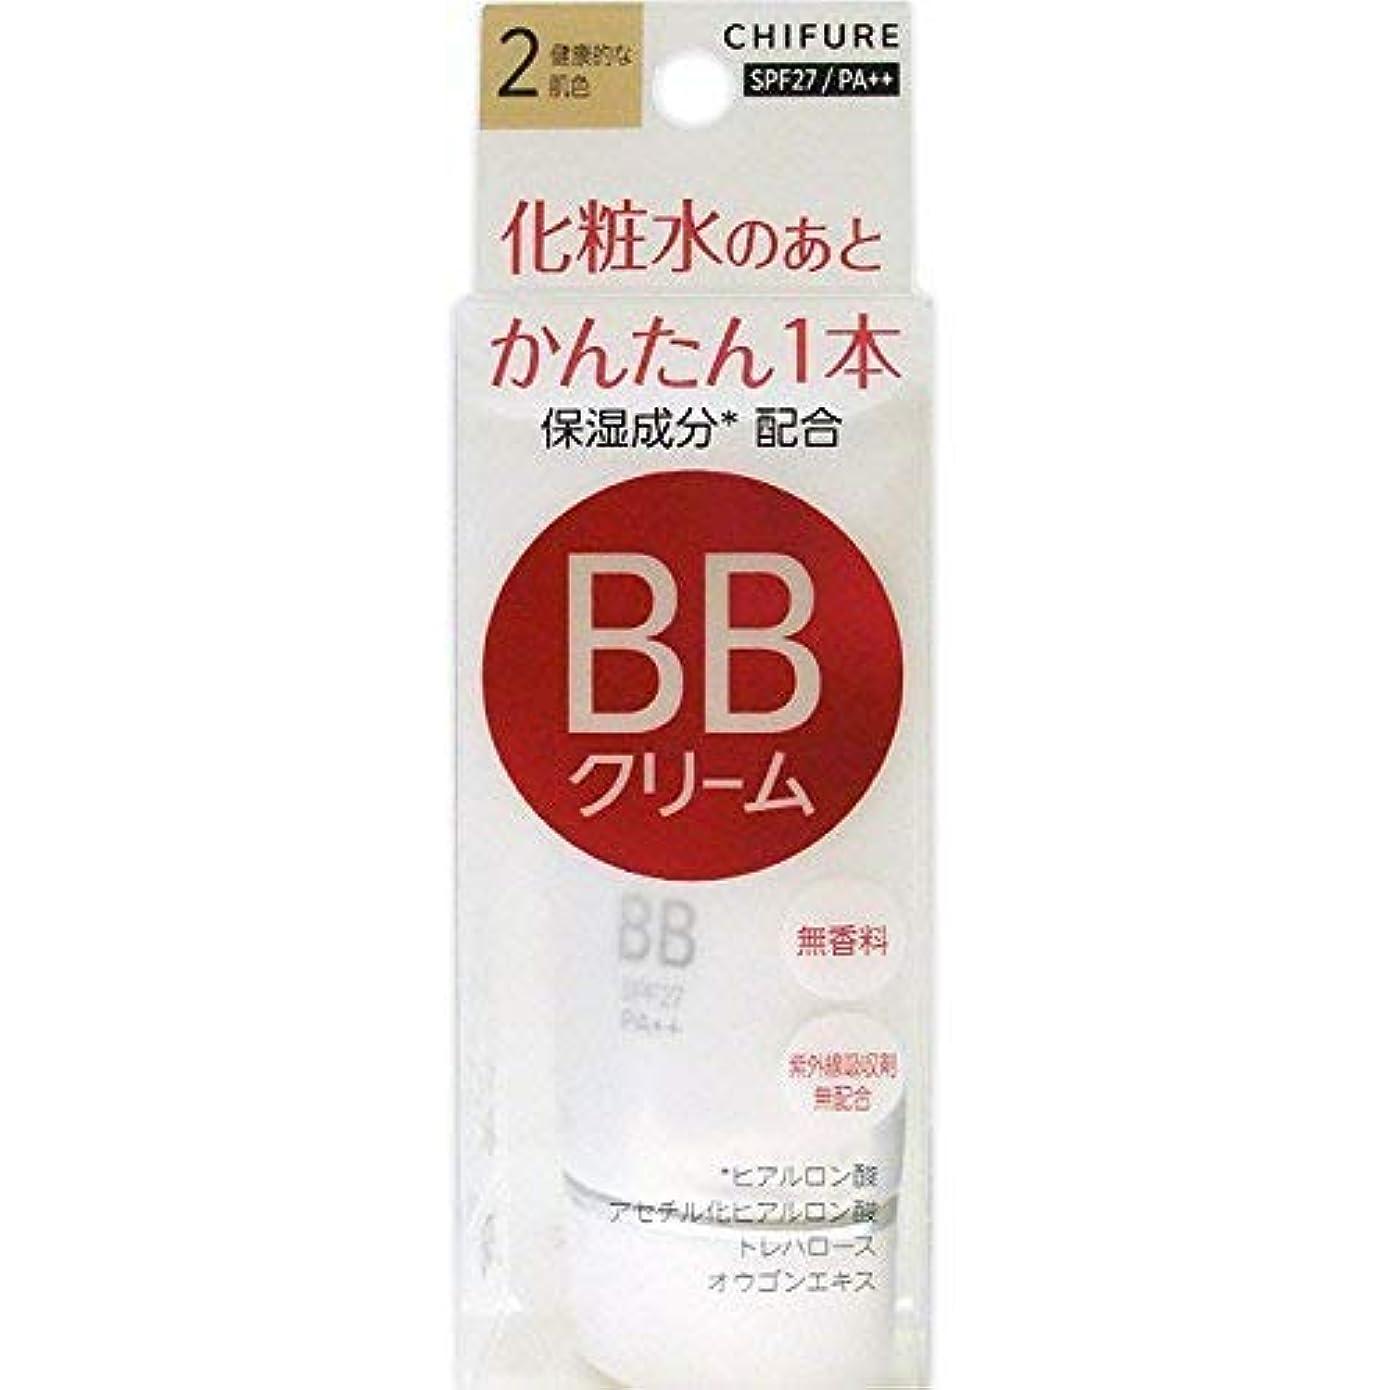 保証飼い慣らす提案ちふれ化粧品 BB クリーム 2 健康的な肌色 BBクリーム 2